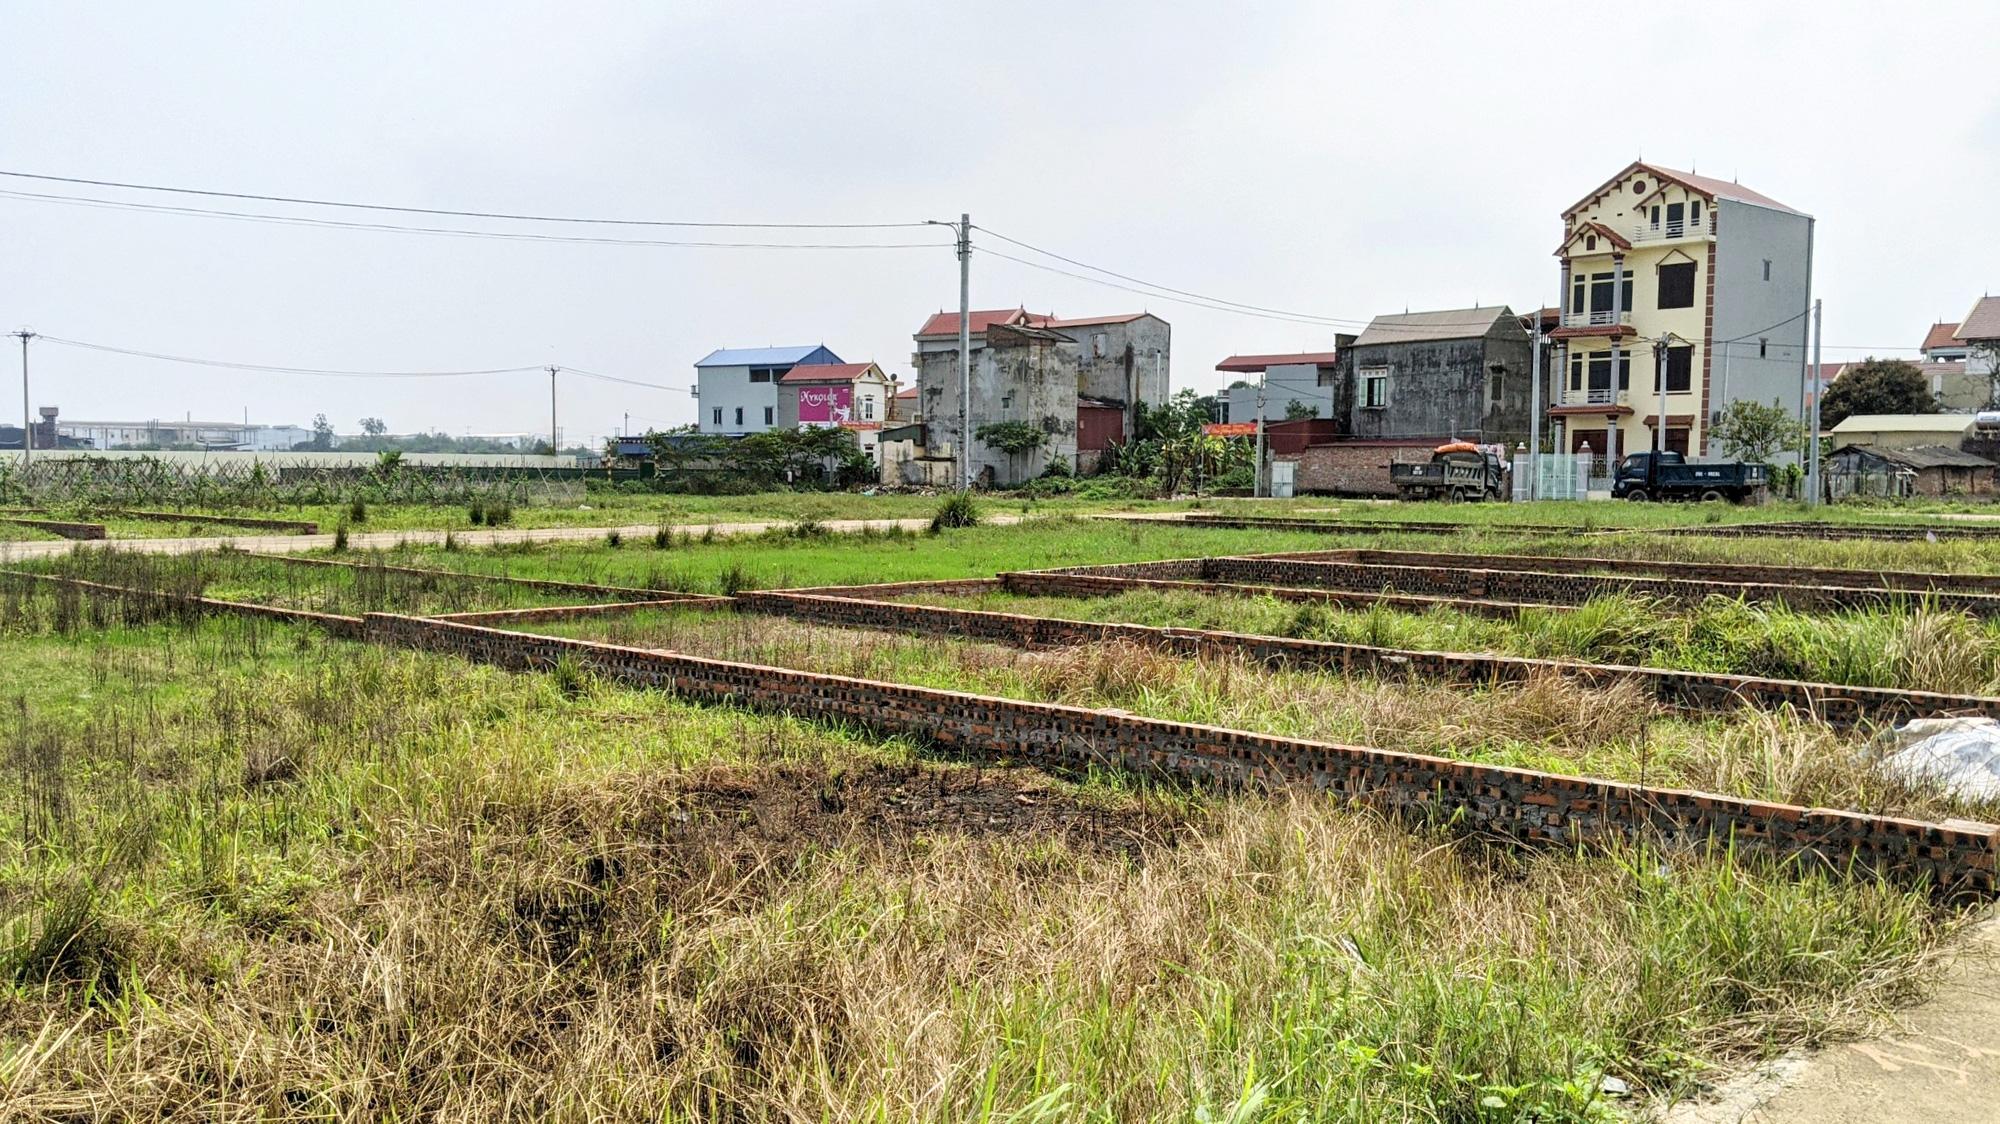 Hà Nội thu về 4.890 tỷ từ đấu giá đất trong 8 tháng, đạt hơn 20% kế hoạch năm - Ảnh 1.